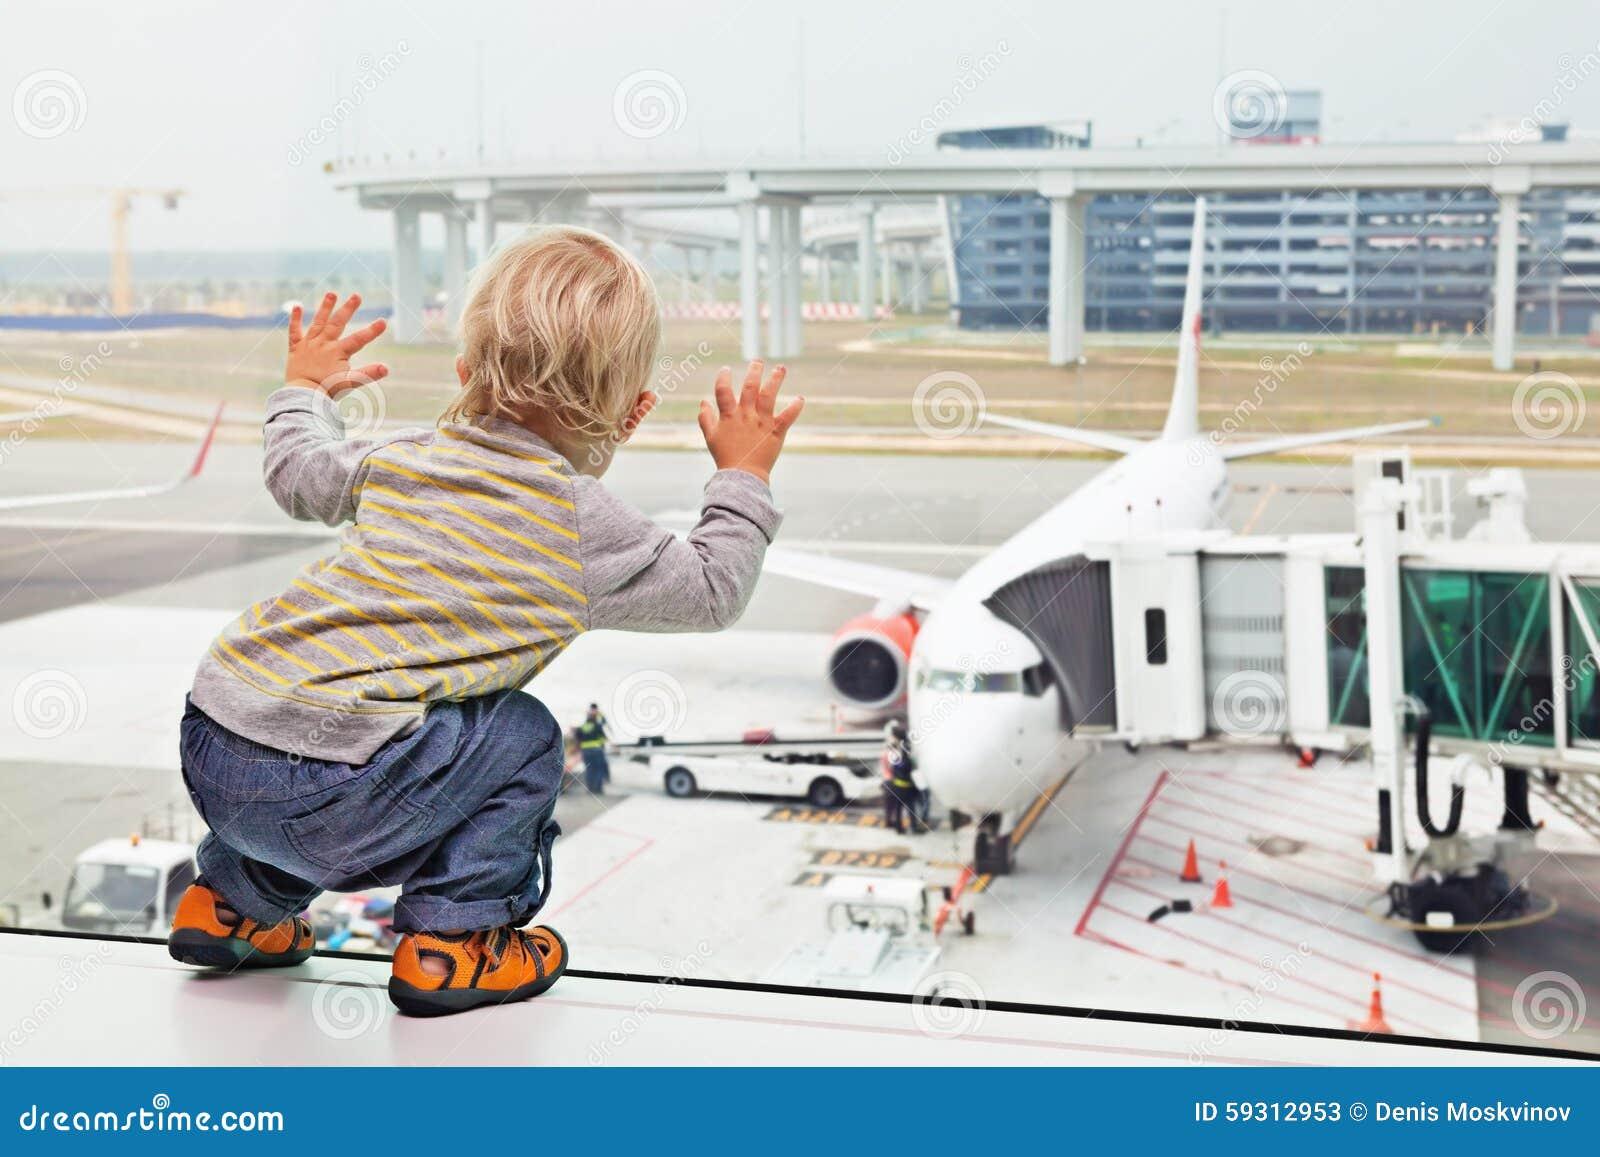 Niño, aeropuerto, viaje, bebé, familia, vacaciones, puerta, muchacho, aeroplano, avión, avión, pasajero, embarque, salida, verano